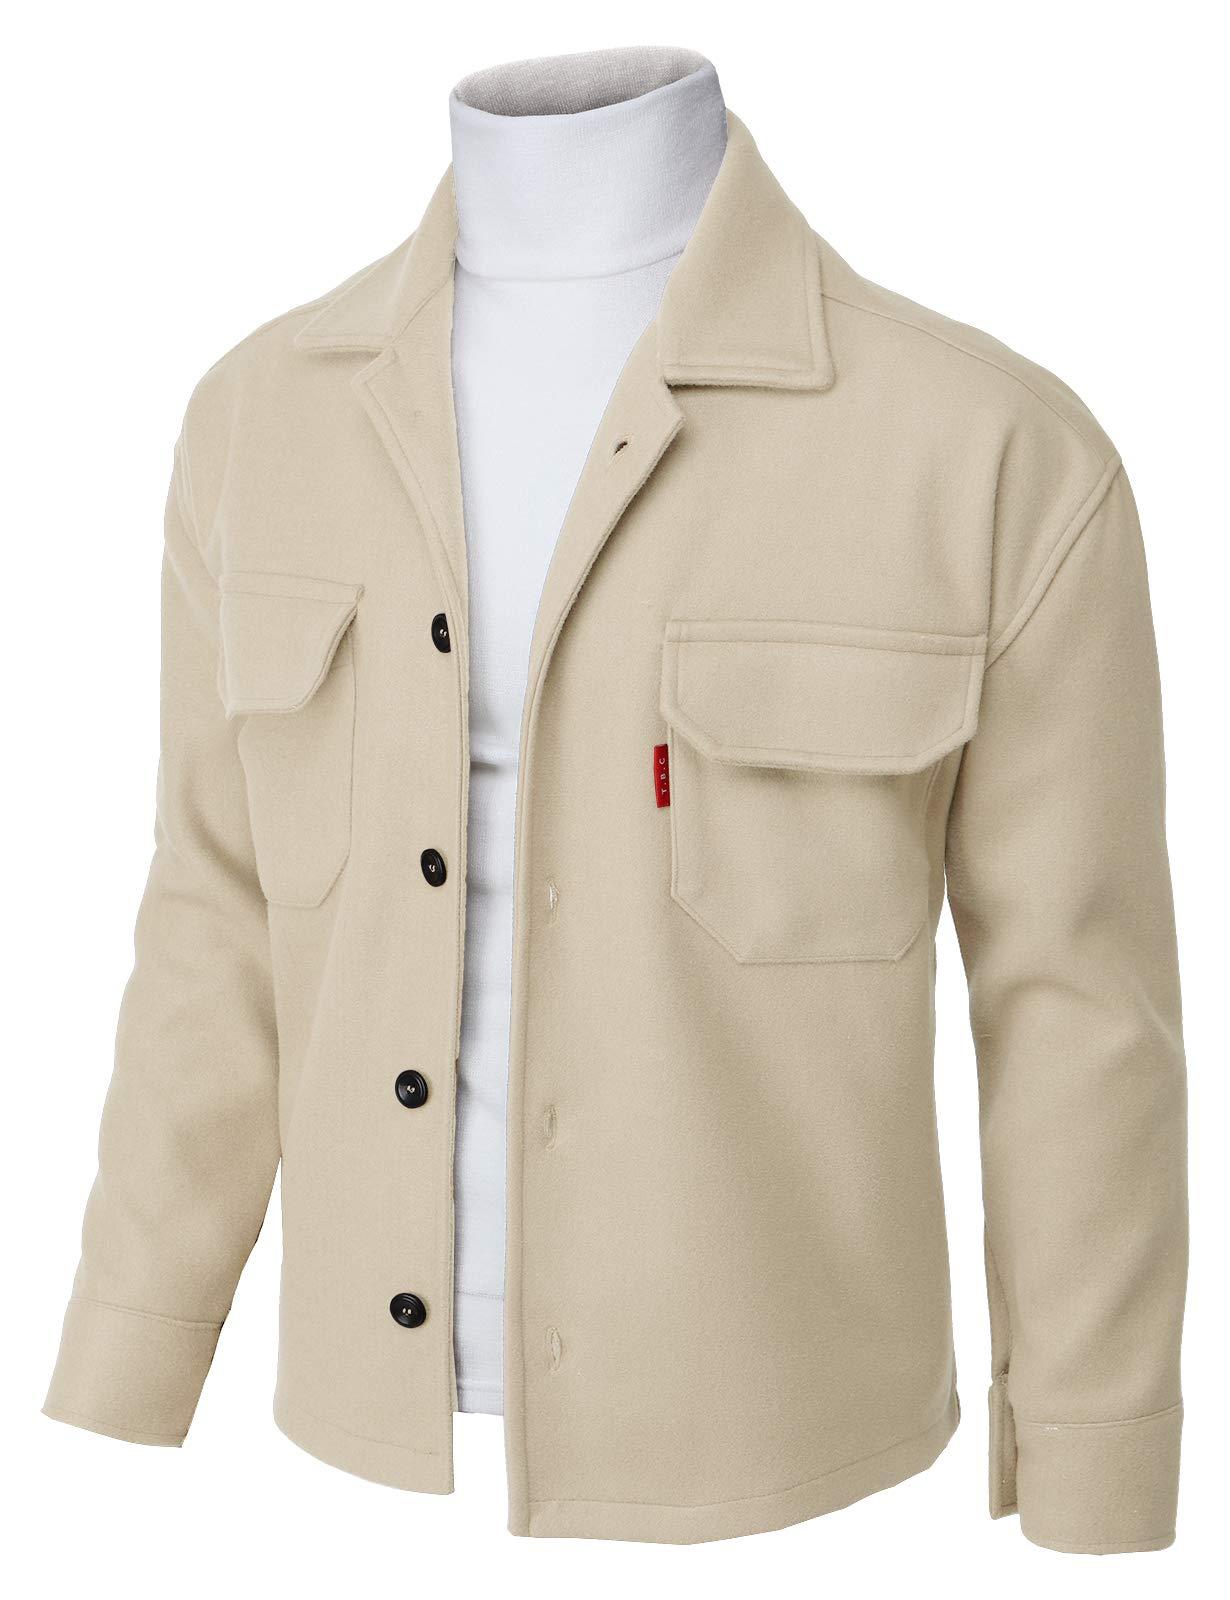 H2H Men's Fleece Trucker Jacket Beige US S/Asia M (KMOJA417) by H2H